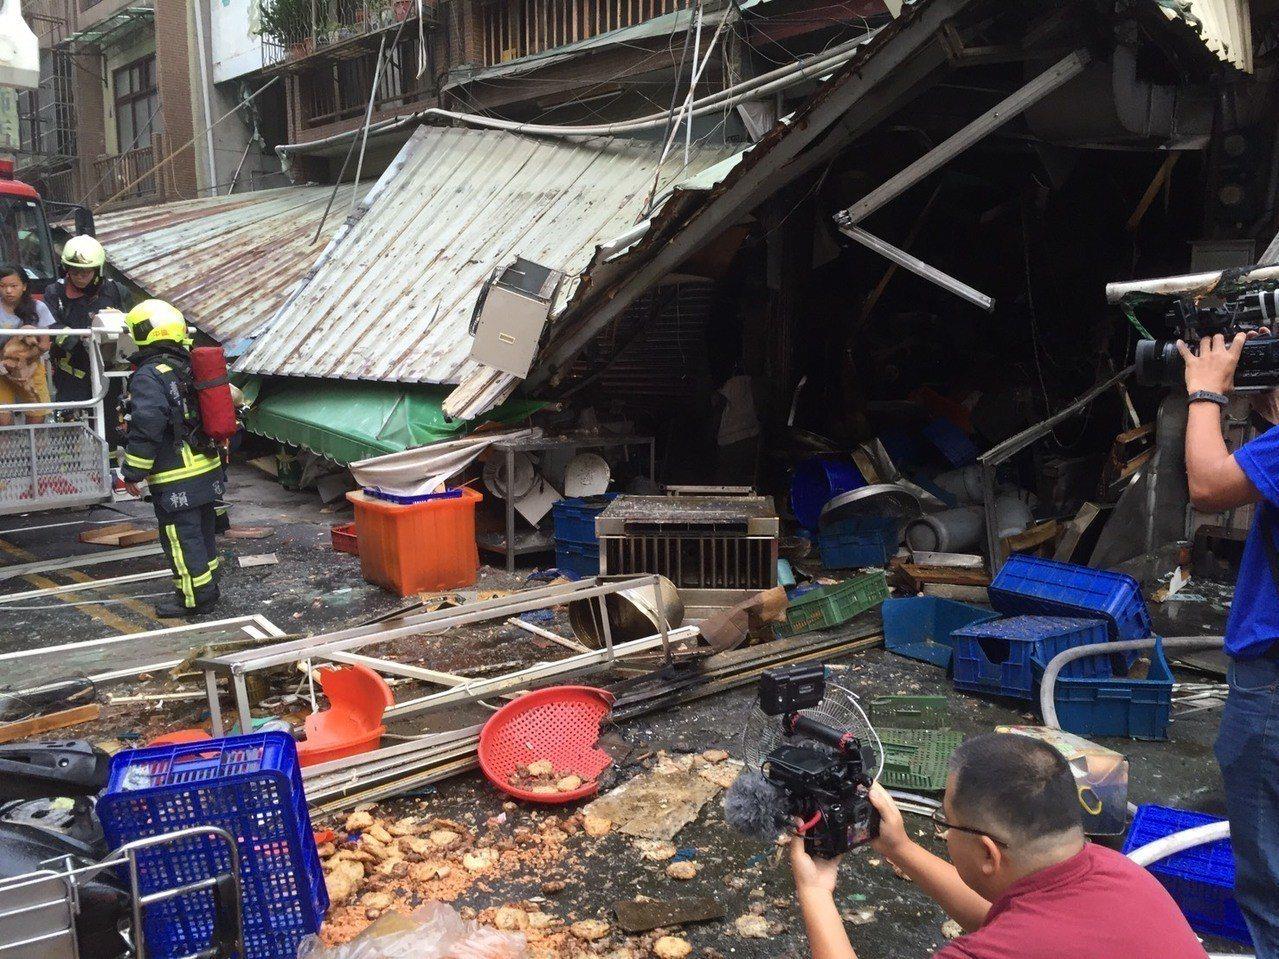 台中市東區建新街一家食品加工行,今天清晨傳出瓦斯氣爆意外。記者陳宏睿/翻攝